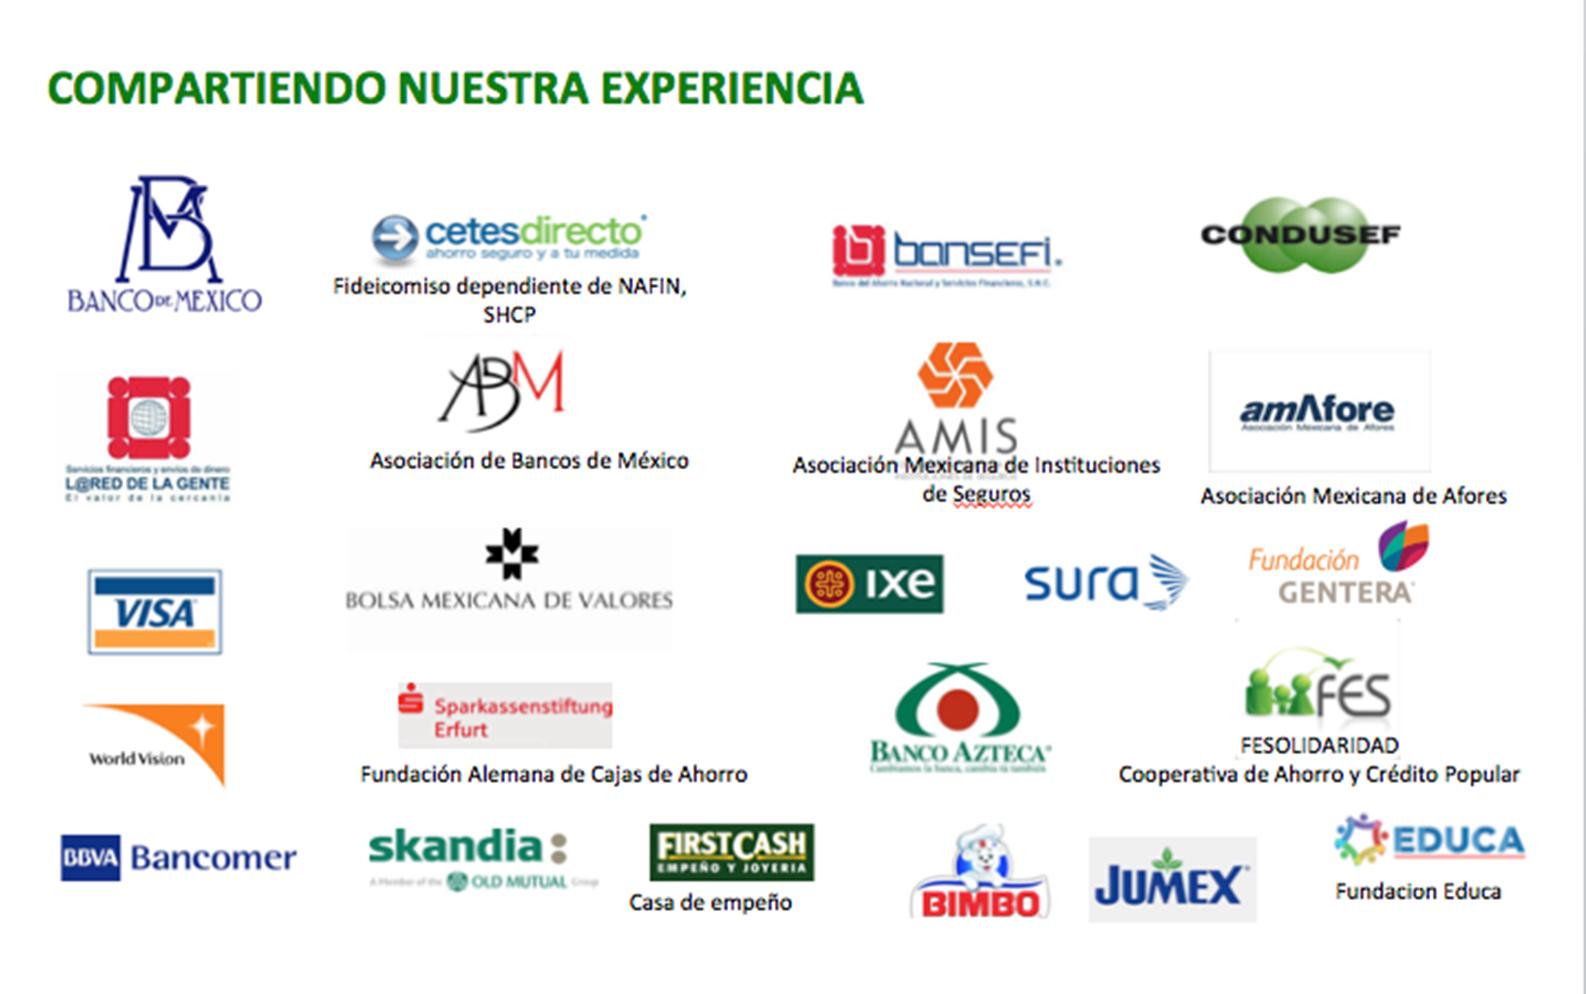 #Multimediosintegrales.com, #gestióneducativa, #gestionsocial, #educacionfinanciera, #inclusionfinanciera, #inclusiontecnologica, #inclusionsocial, #VeronicaHuacuja